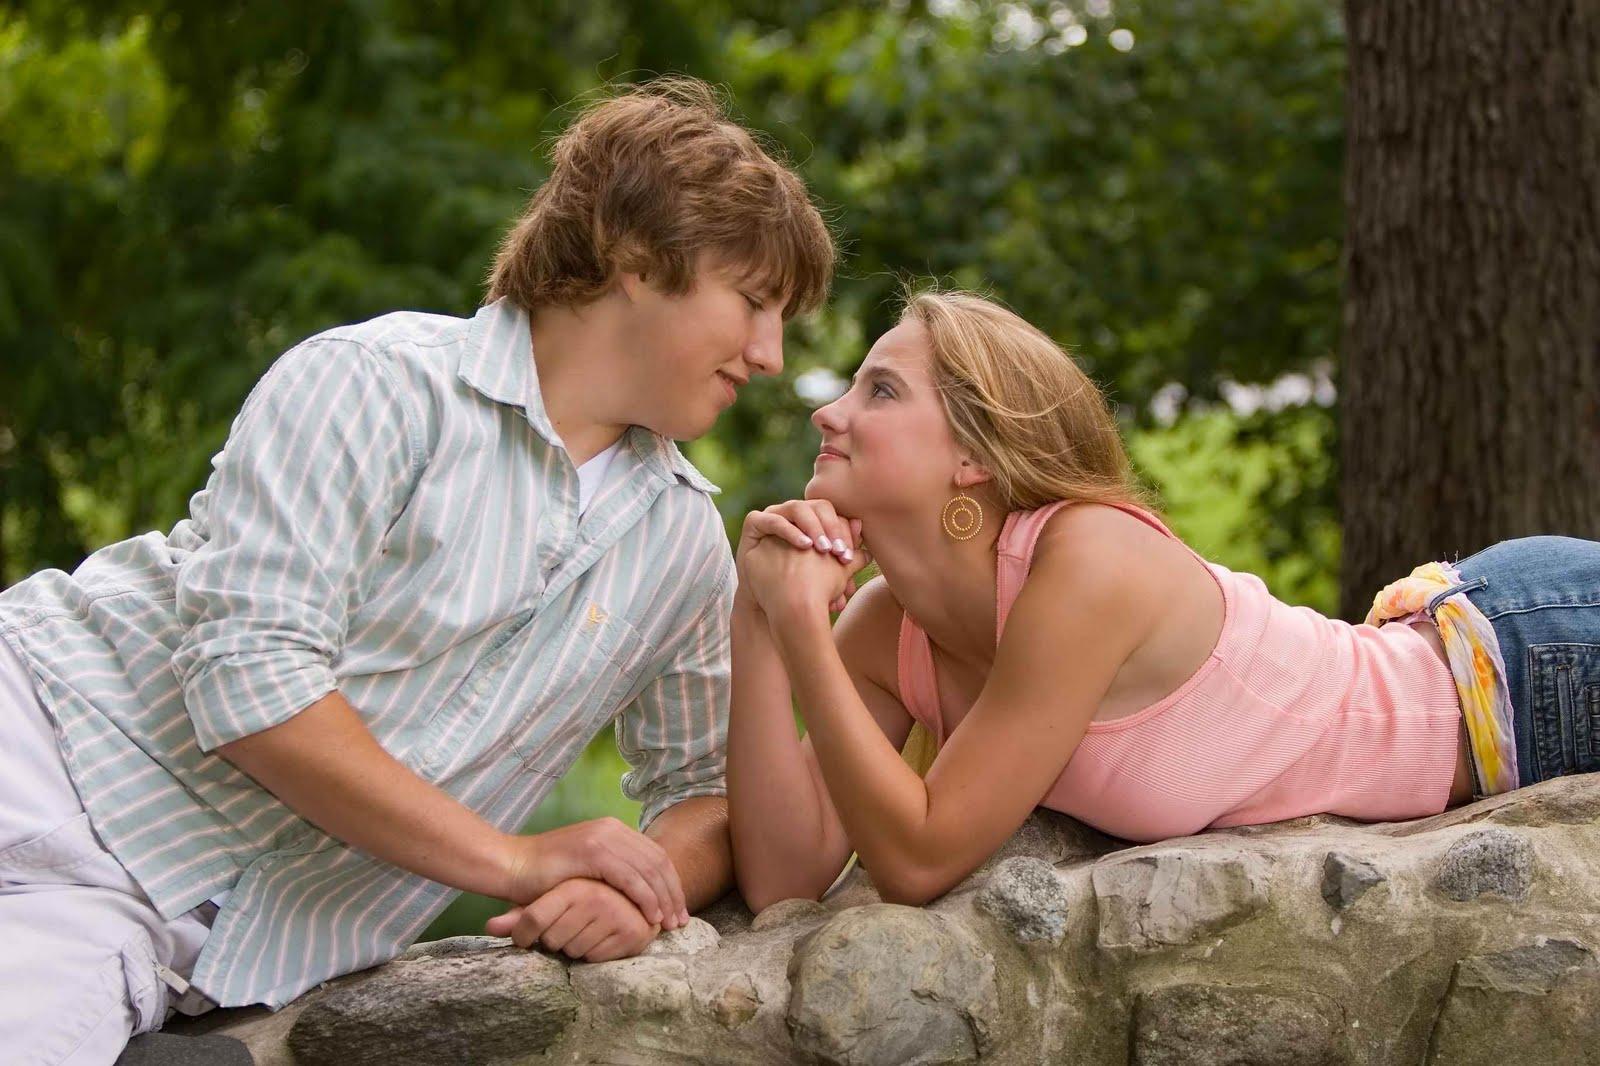 Как сделать, чтобы девочка тебя полюбила, как влюбить одноклассницу? 79